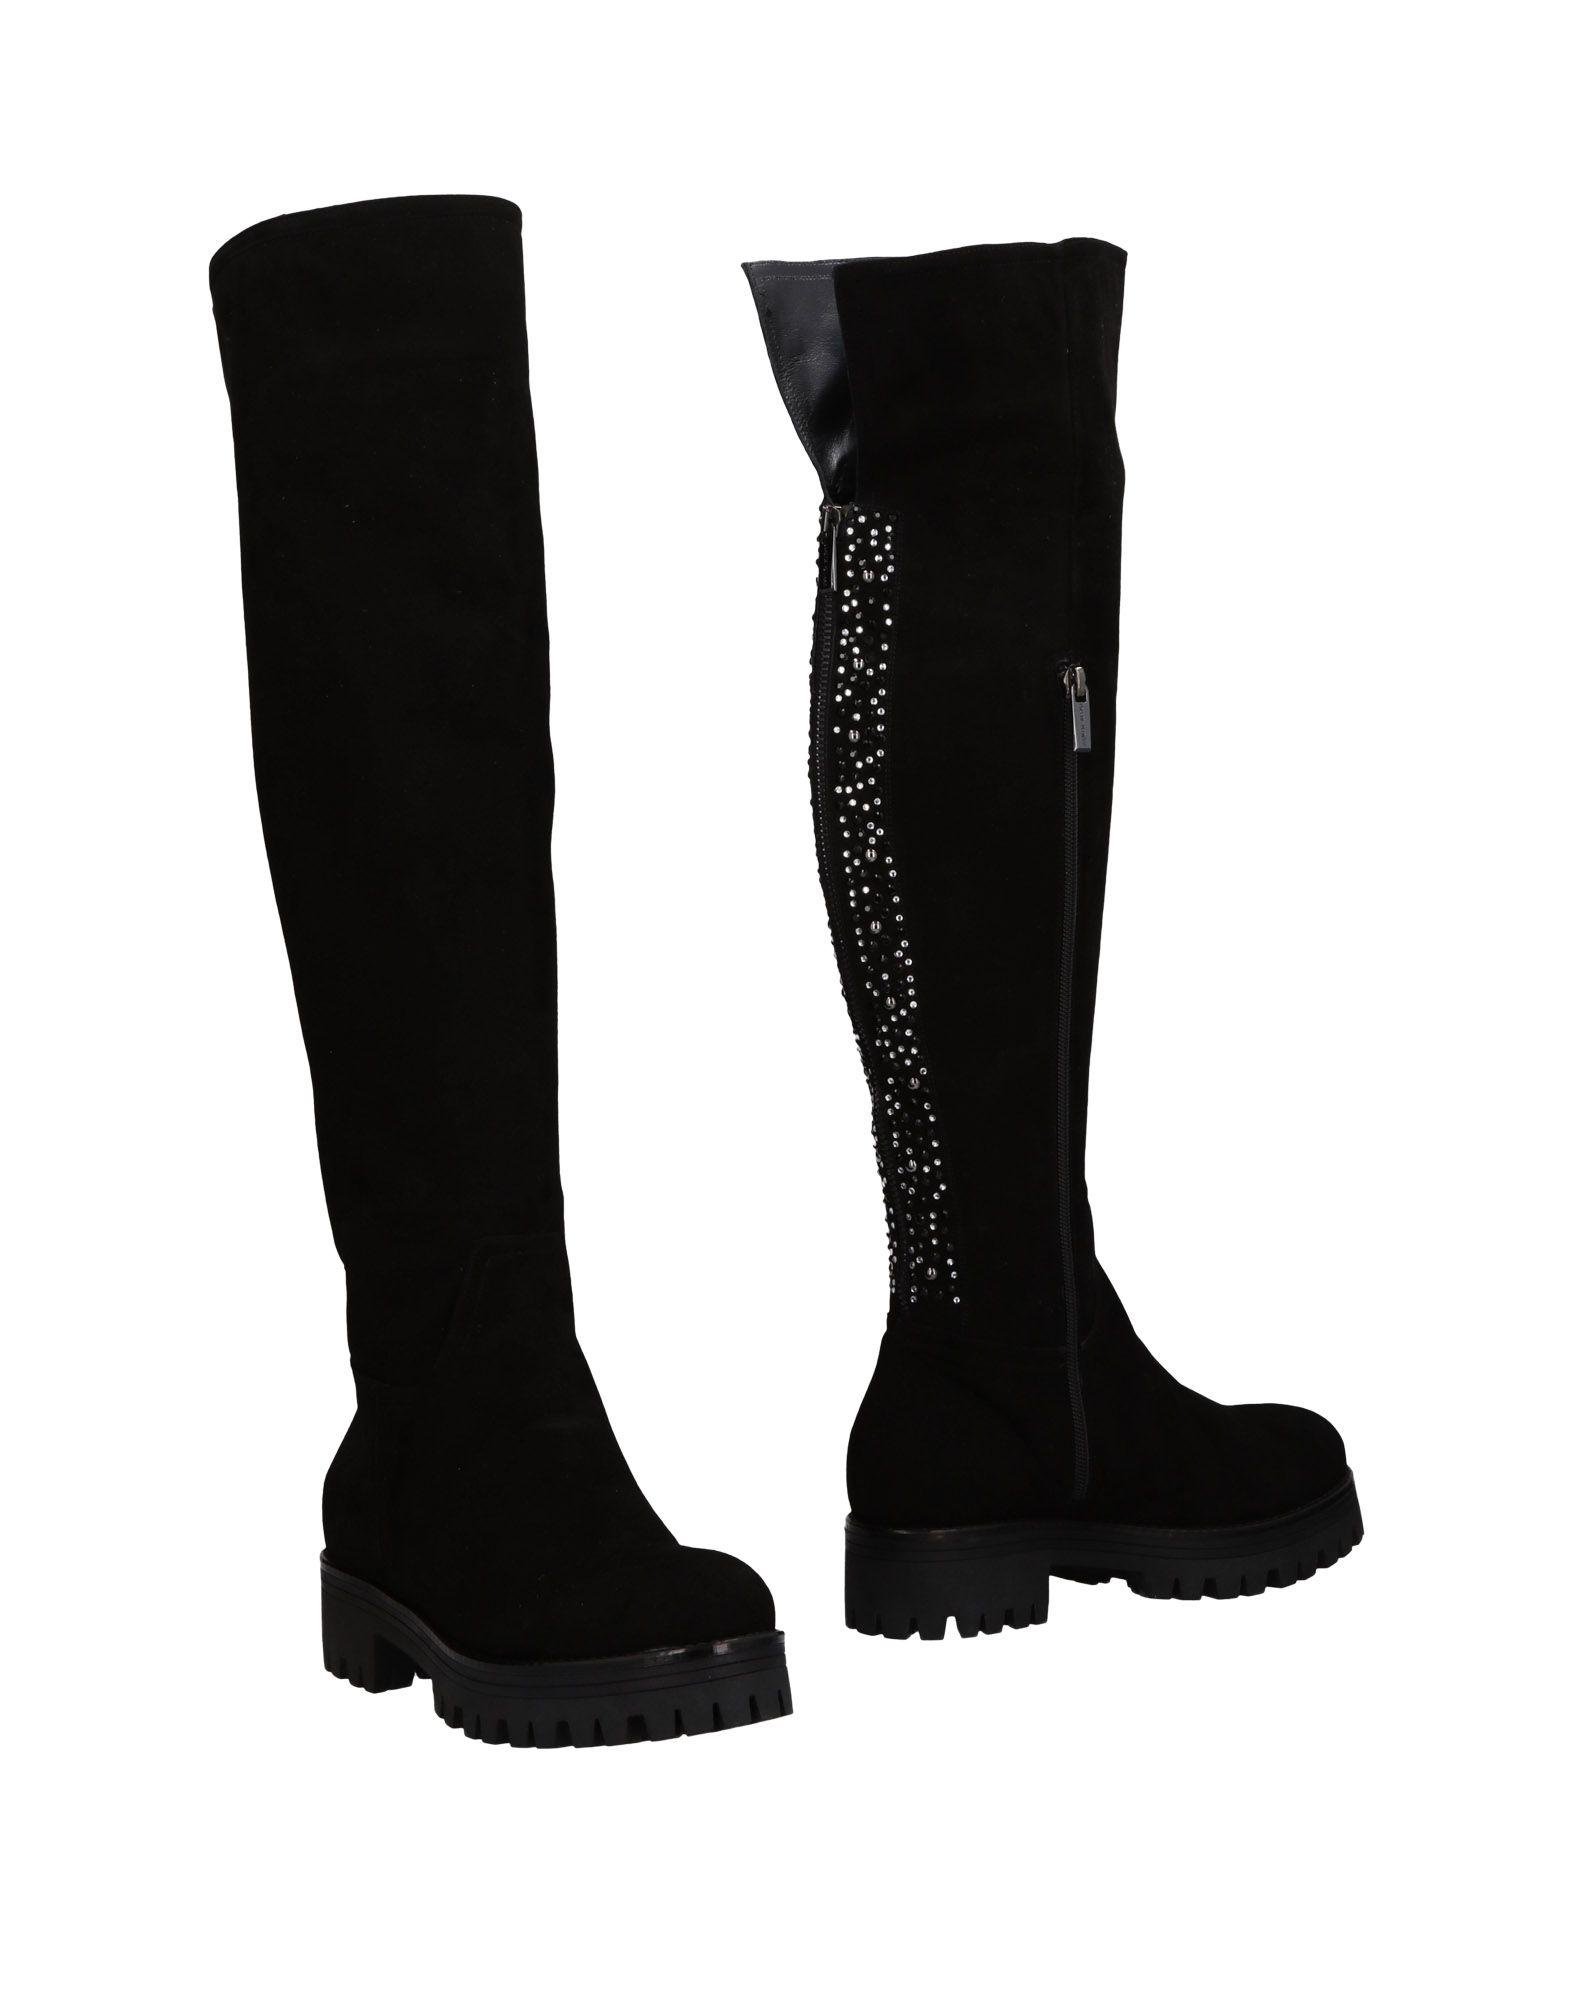 Loretta Pettinari Stiefel Damen Damen Stiefel  11471894VK Neue Schuhe 8564b6